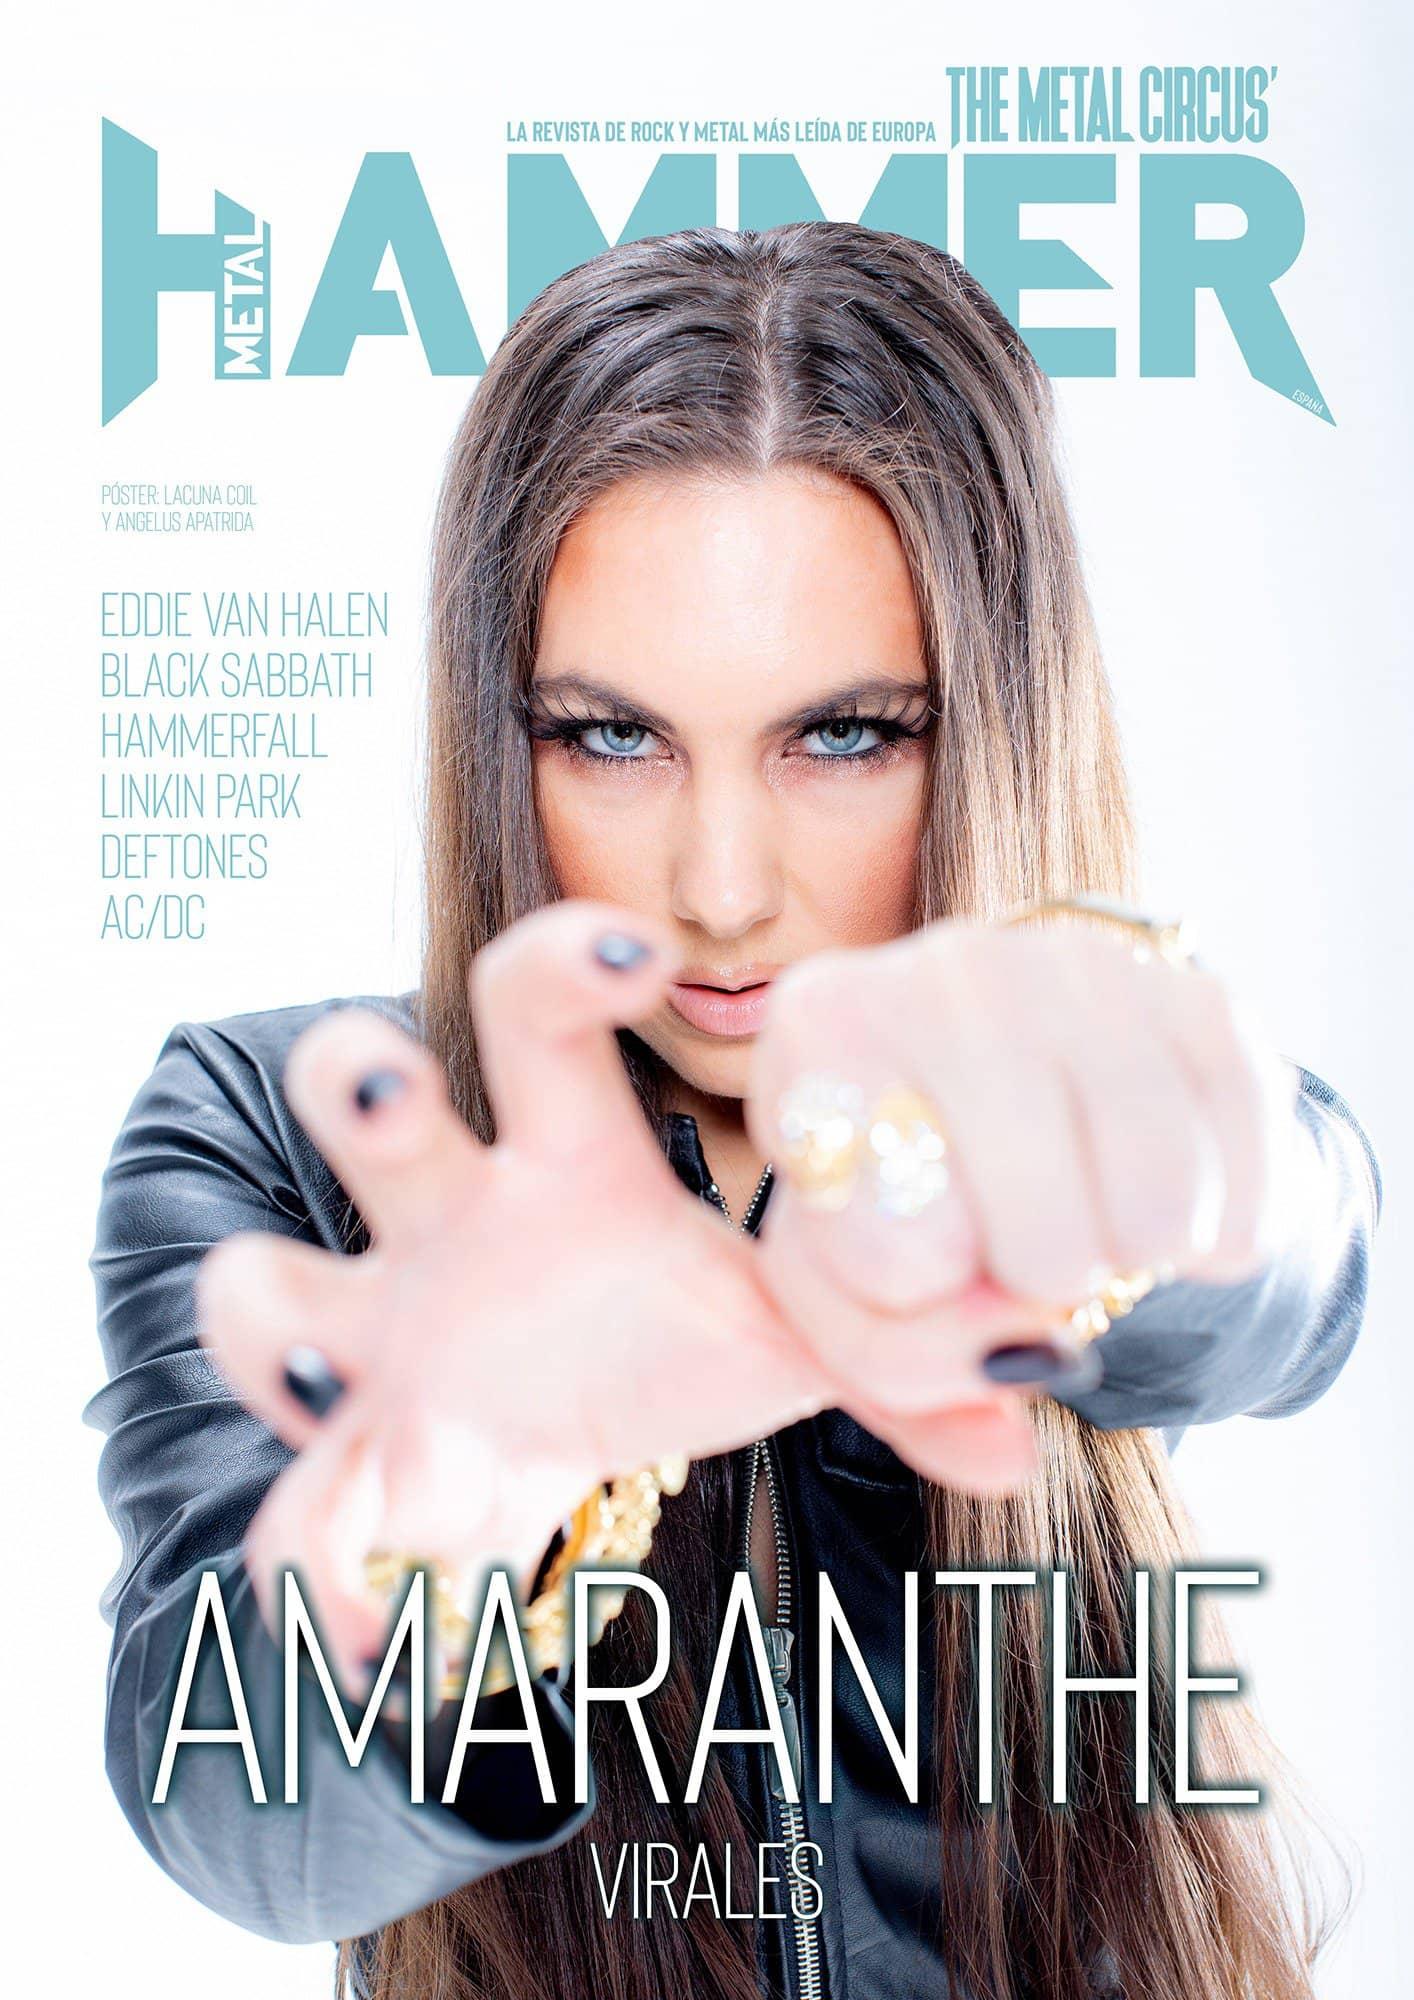 portada Metal Hammer Amaranthe octubre 2020